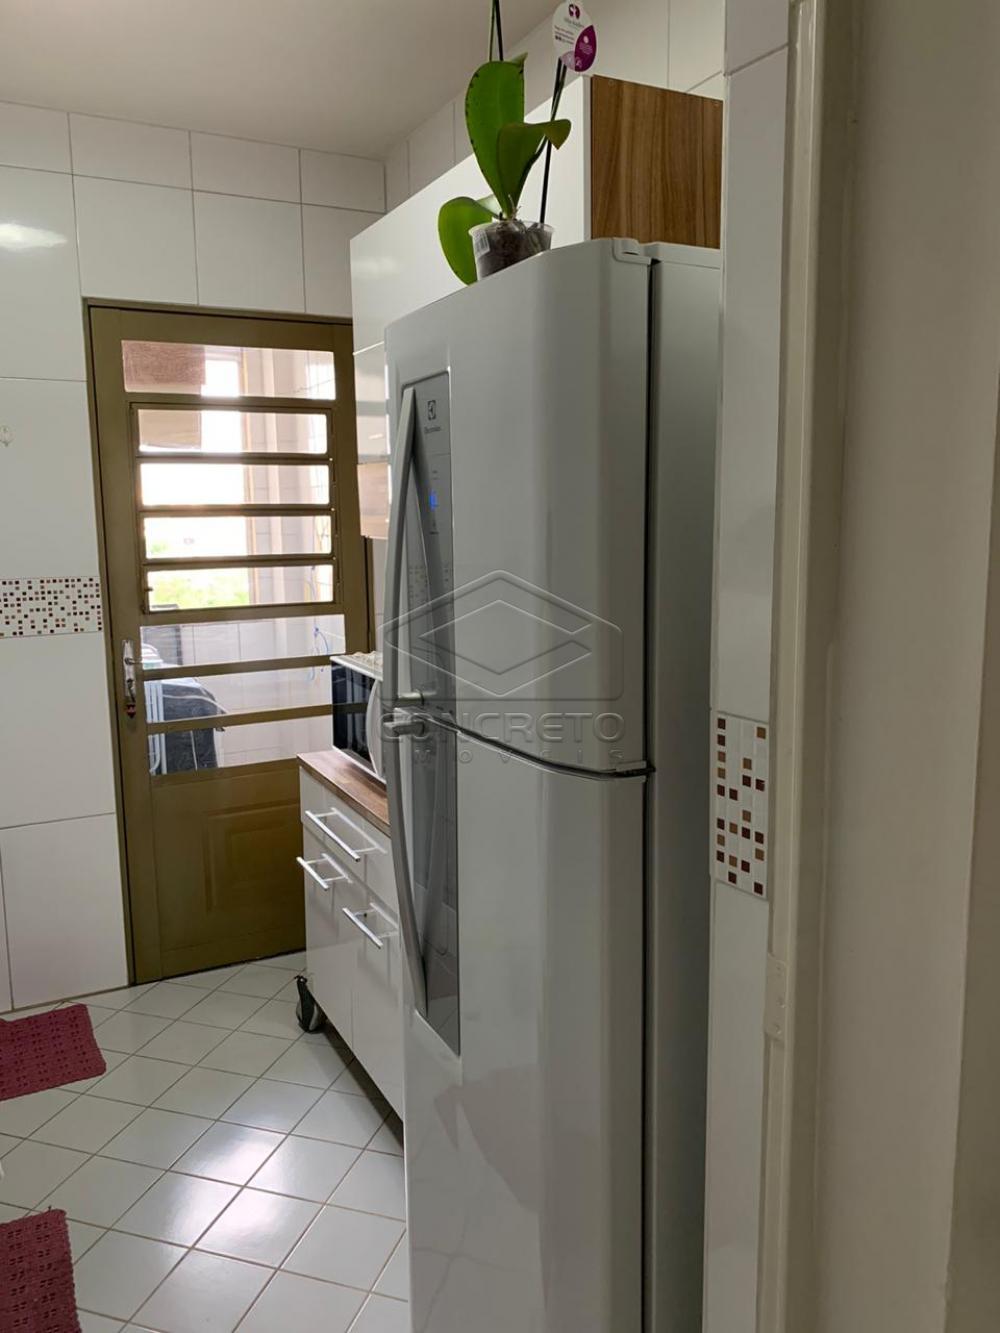 Comprar Apartamento / Padrão em Bauru apenas R$ 175.000,00 - Foto 11